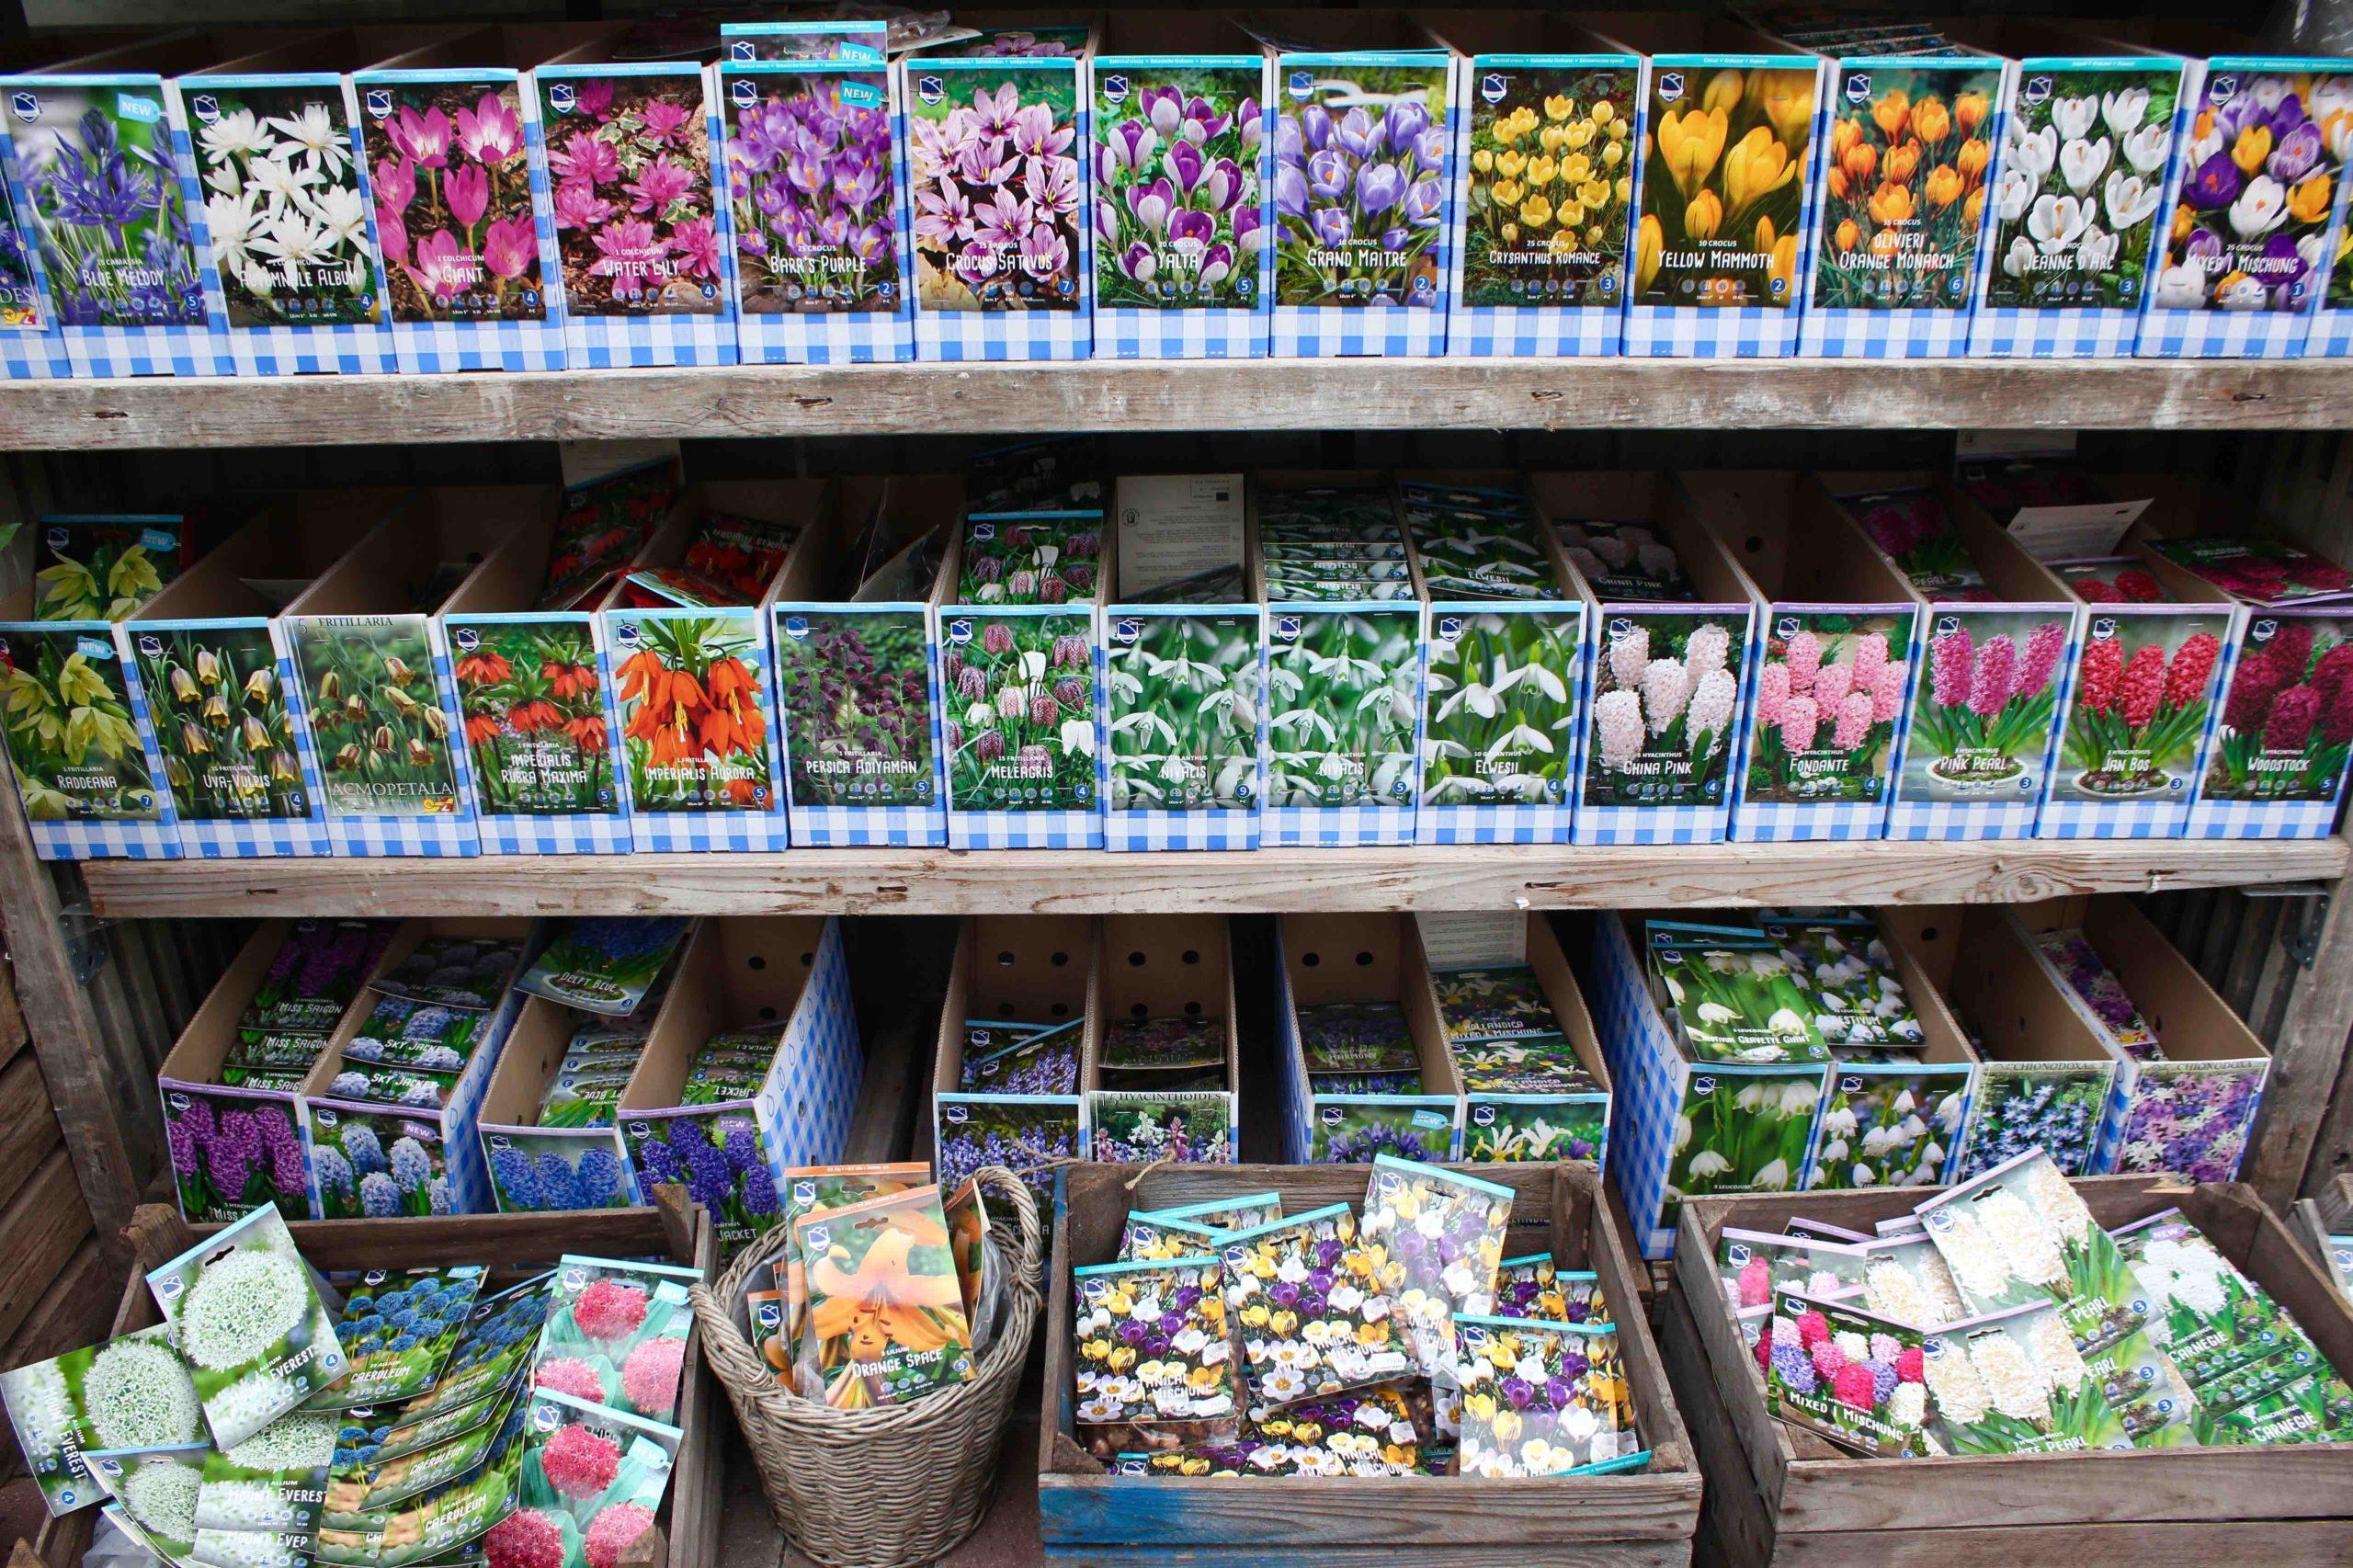 Grønne Hjem har fået blomsterløg hjem. På billedet ses narcisser, krokus, tulipaner, perlehyacinter og mange andre blomsterløg.